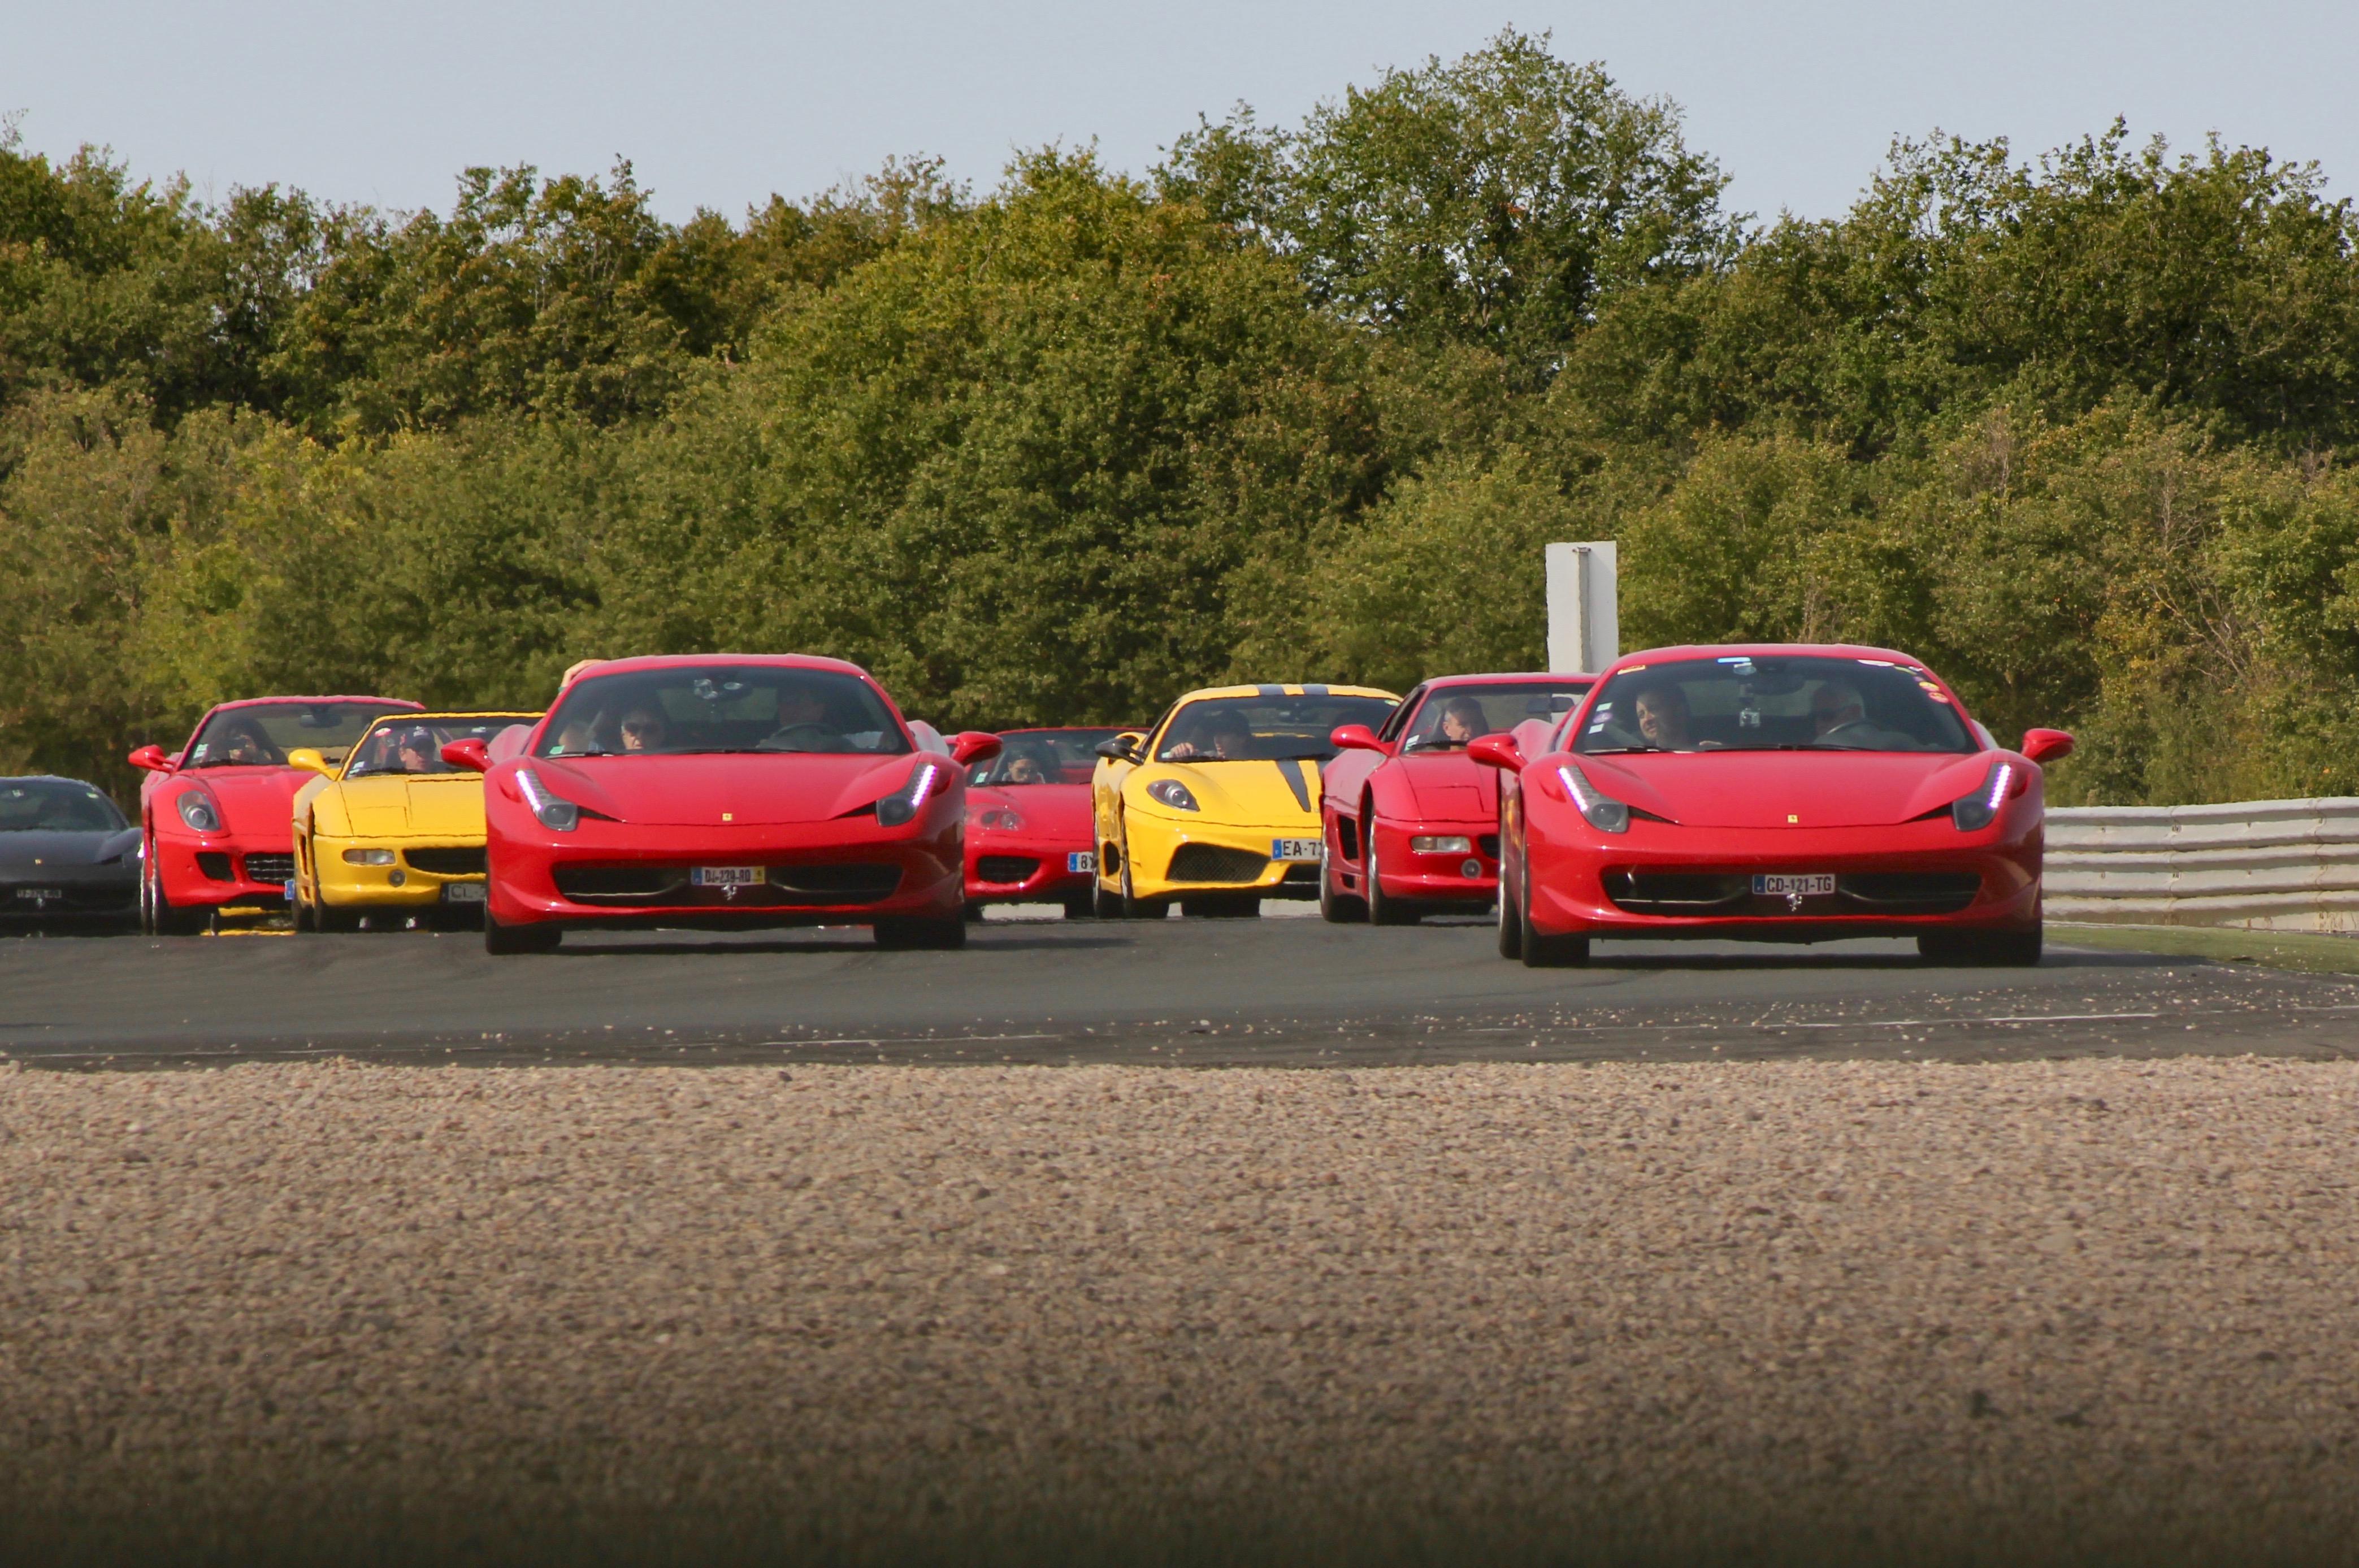 Ferrari - automobiles - front / avant - Circuit du Vigeant - Sport et Collection - 2020 - photo Ludo Ferrari